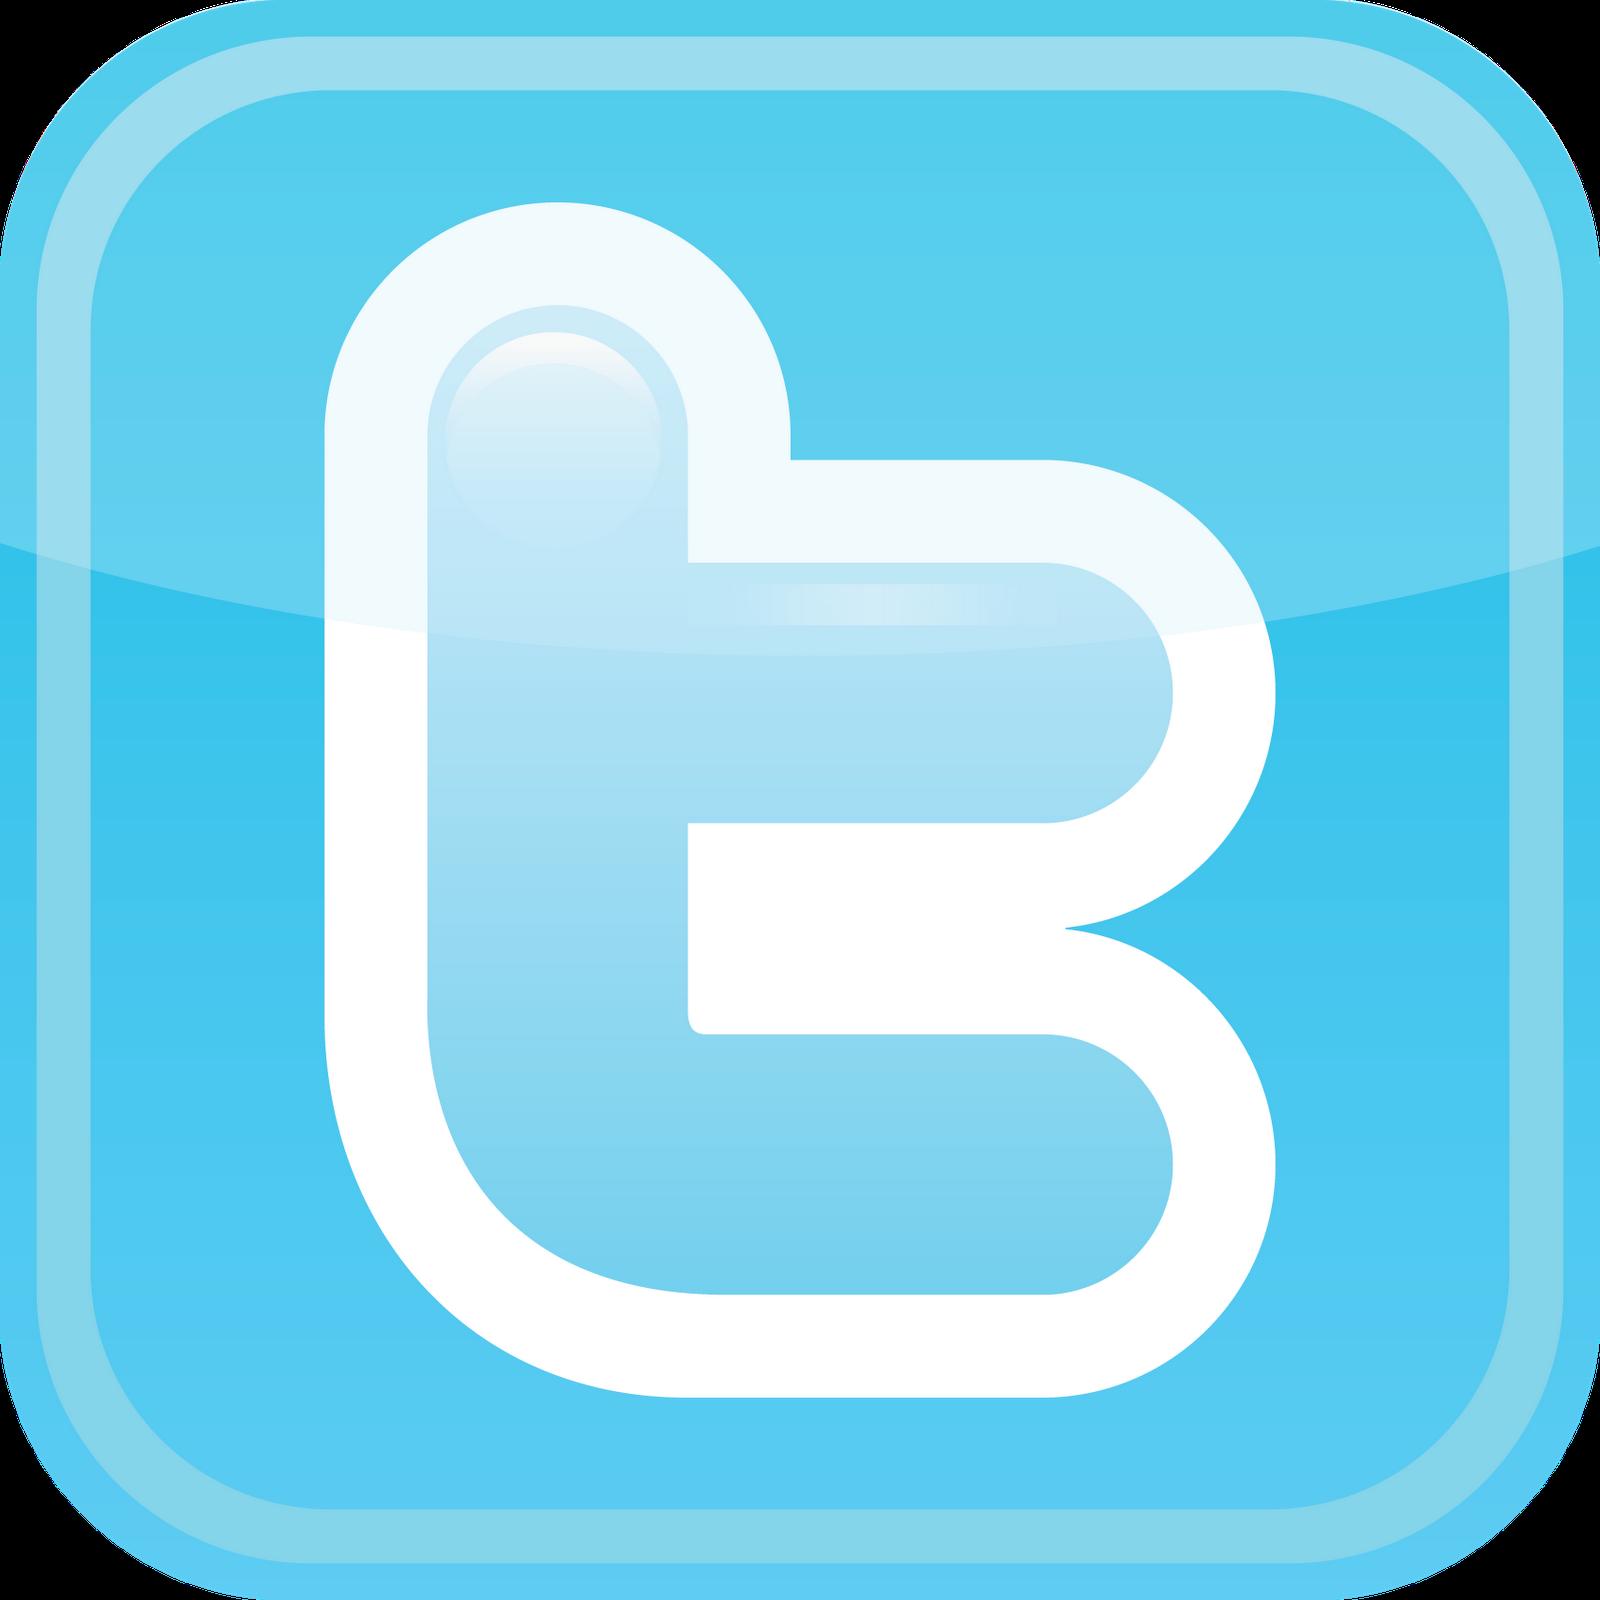 twitter-logo-png-transparent-backgroundblog-damee-new-york-arkcwwv6.png